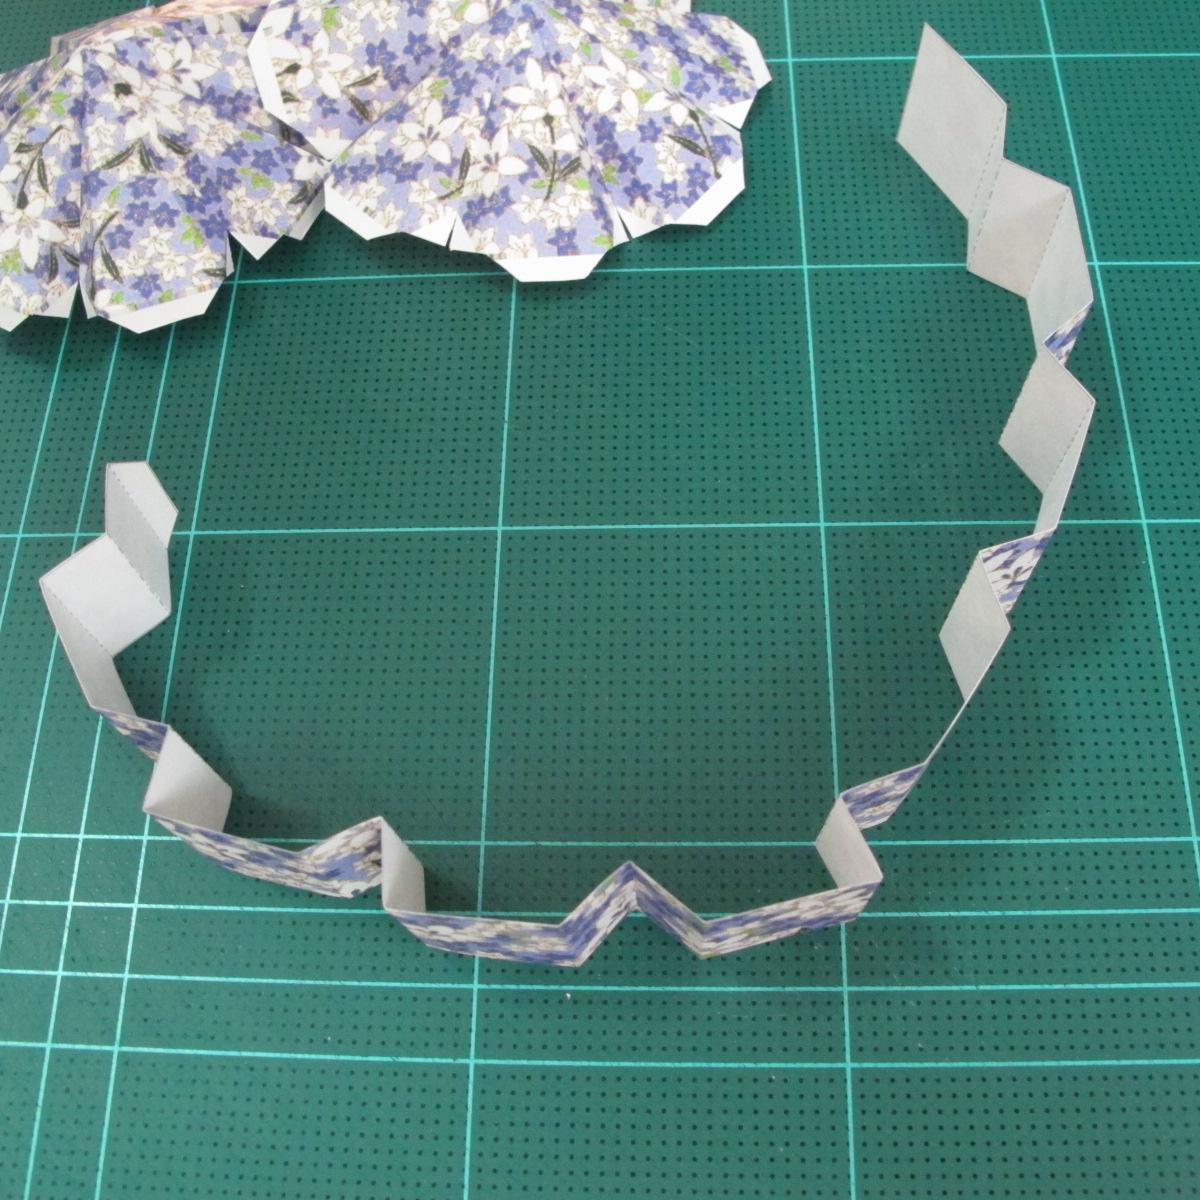 วิธีทำโมเดลกระดาษสำหรับตกแต่งทรงเรขาคณิต (Decor Geometry Papercraft Model) 006